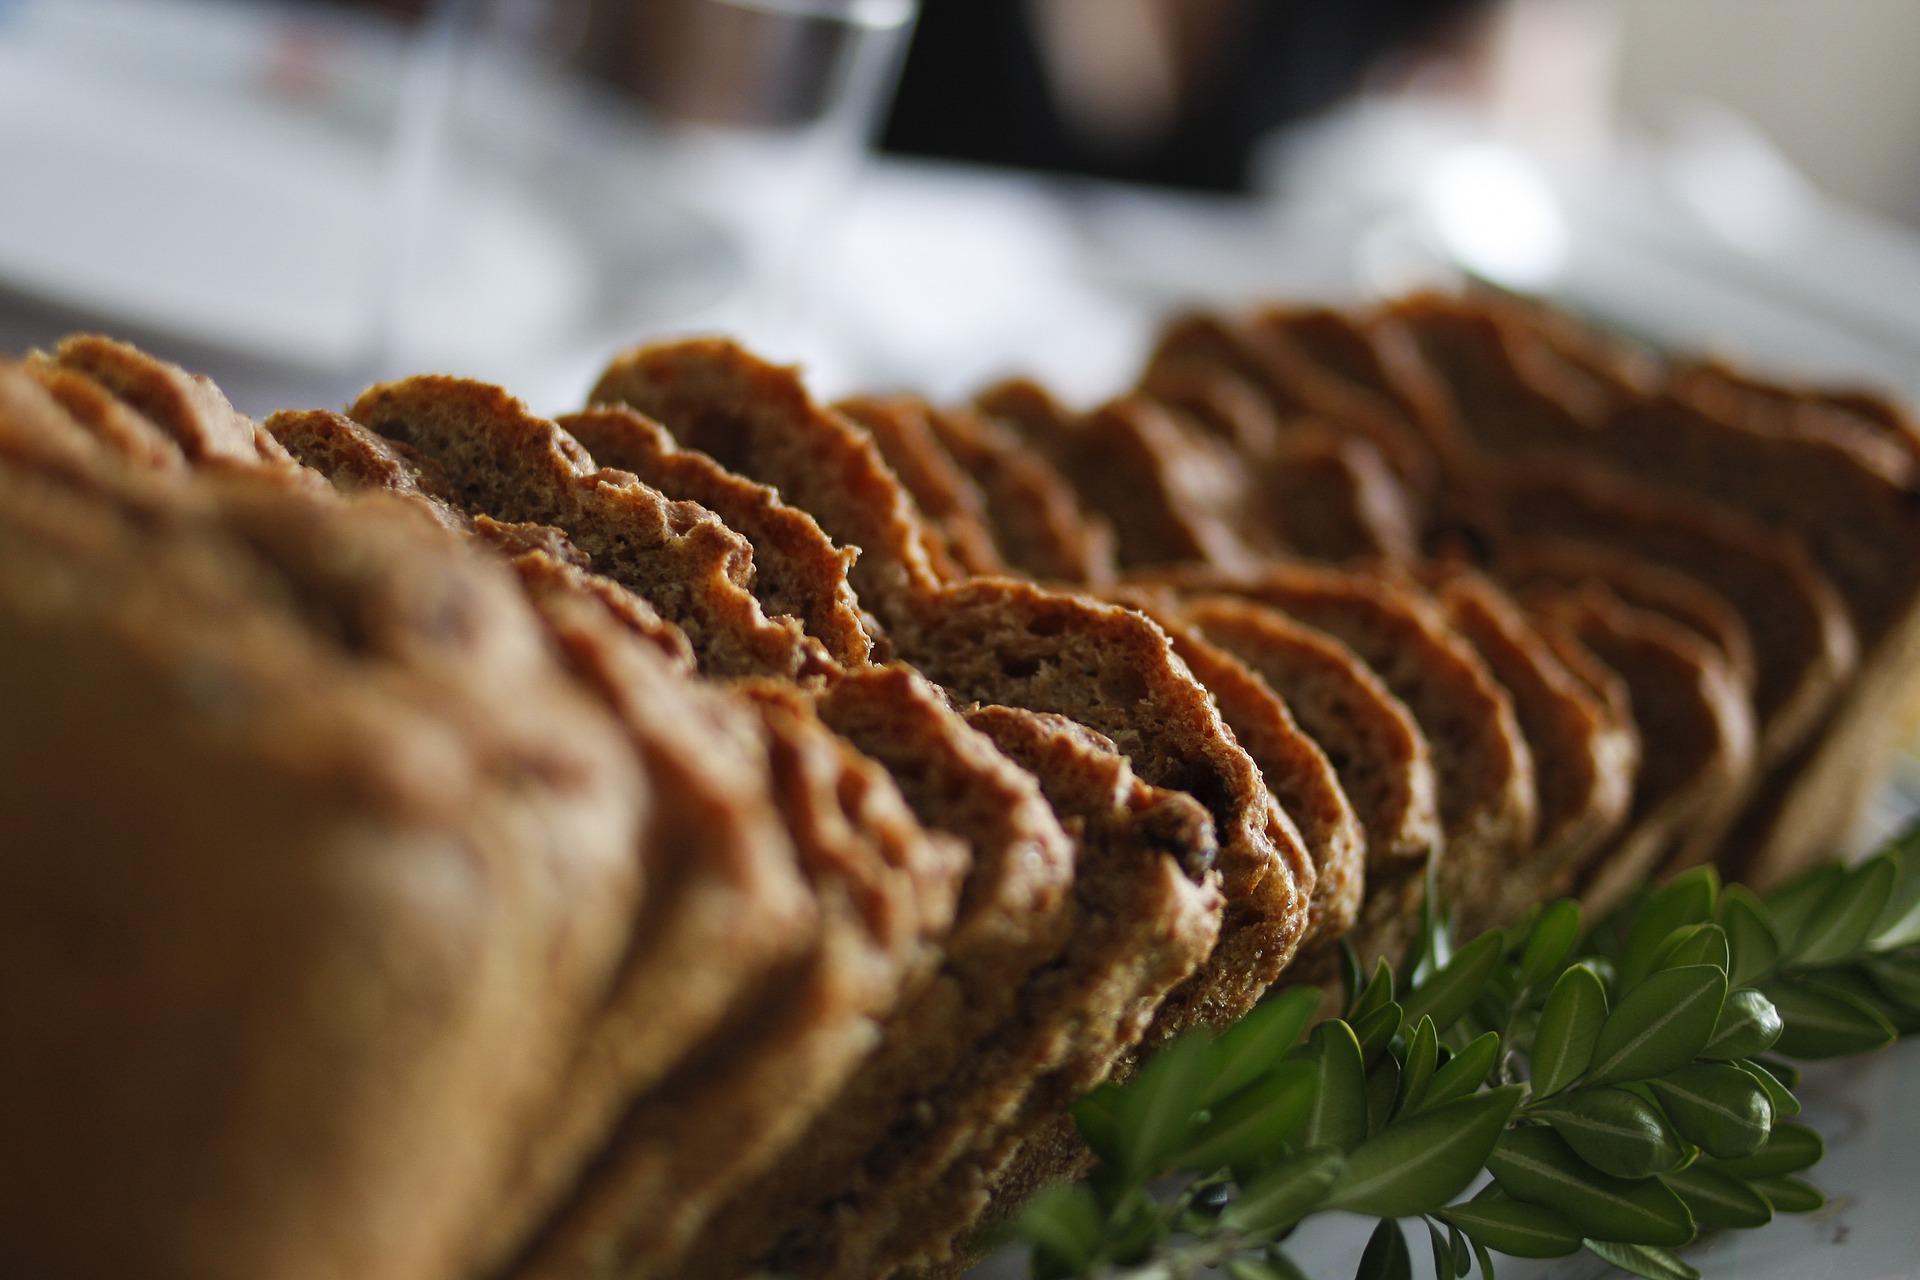 El pan es una de las ramas de negocio que también se está vinculando con el de la pastelería artesana